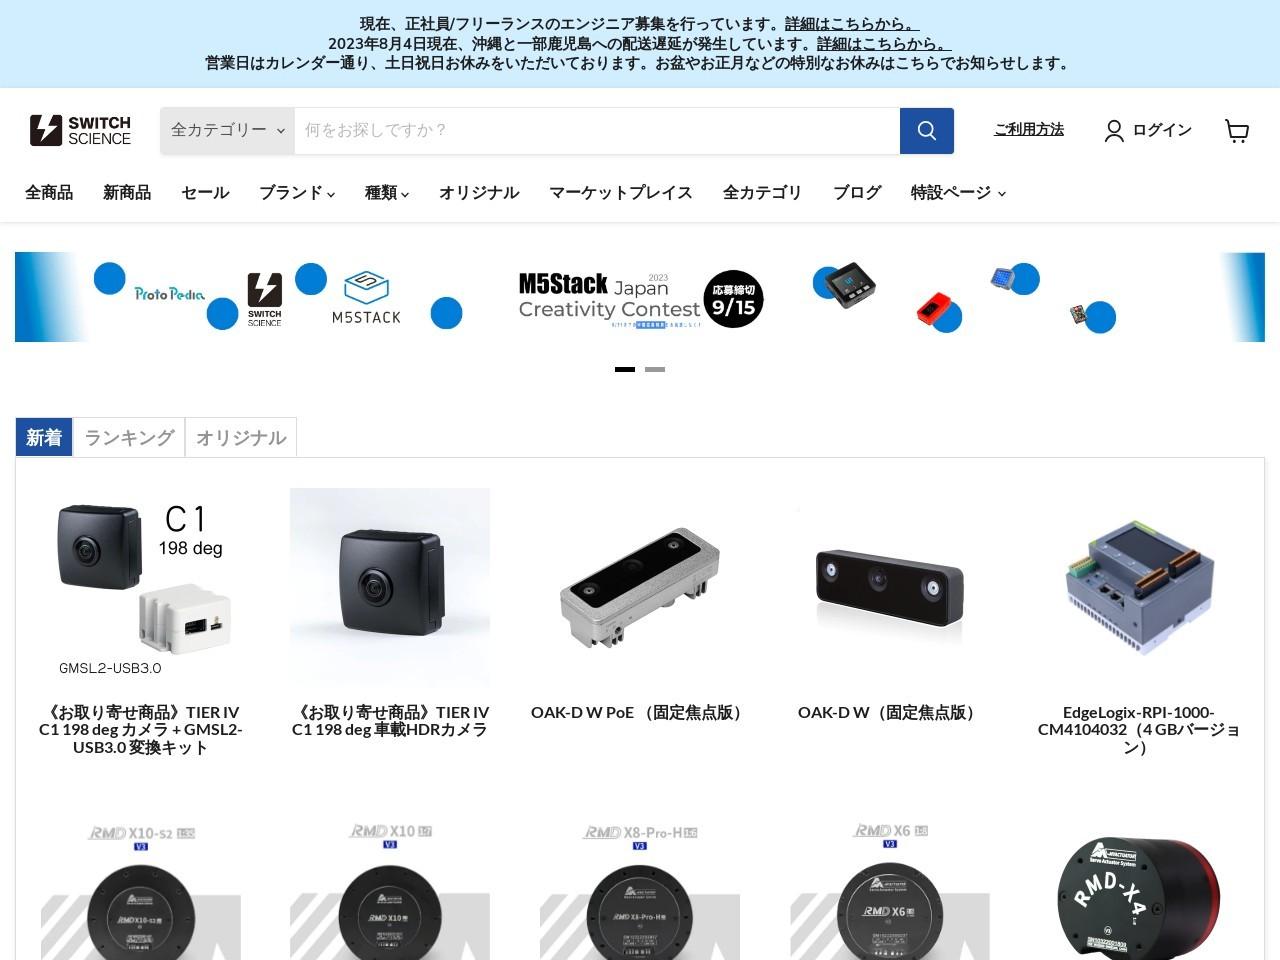 https://www.switch-science.com/catalog/list/?plu=2127,968,314,620,2294,2109,1035,2438,2282,2444